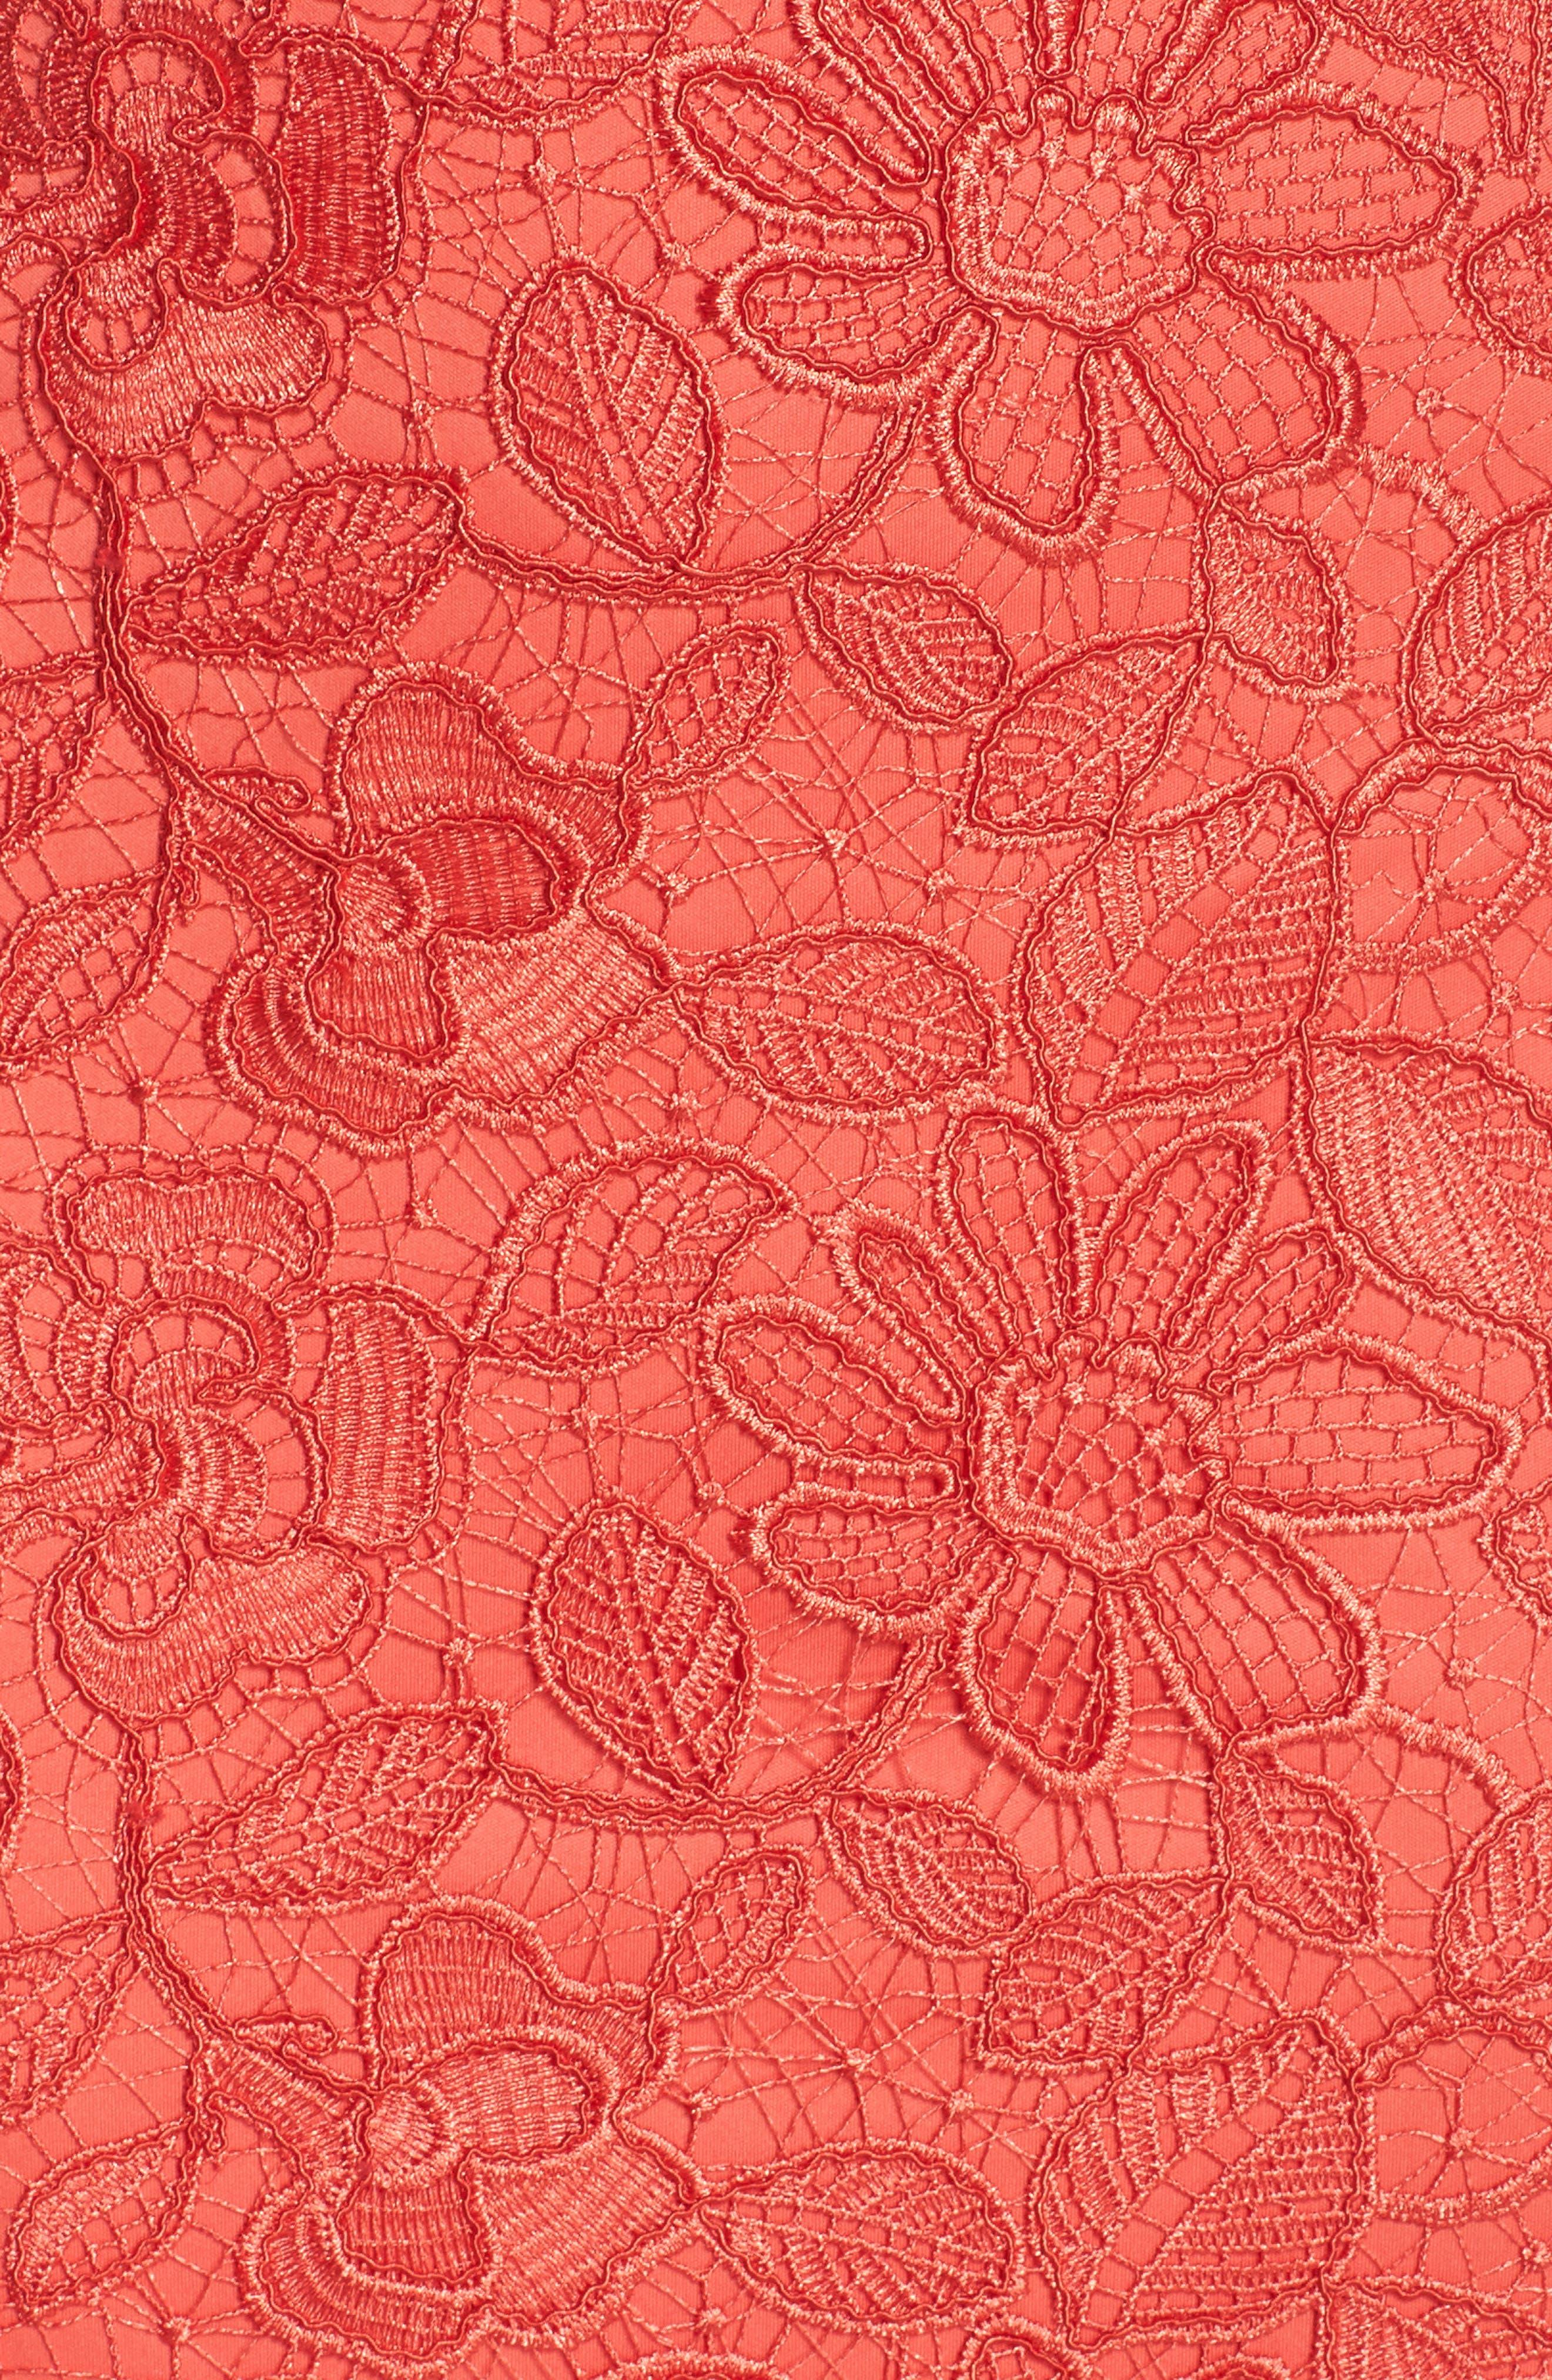 Floral Lace Trumpet Gown,                             Alternate thumbnail 5, color,                             610